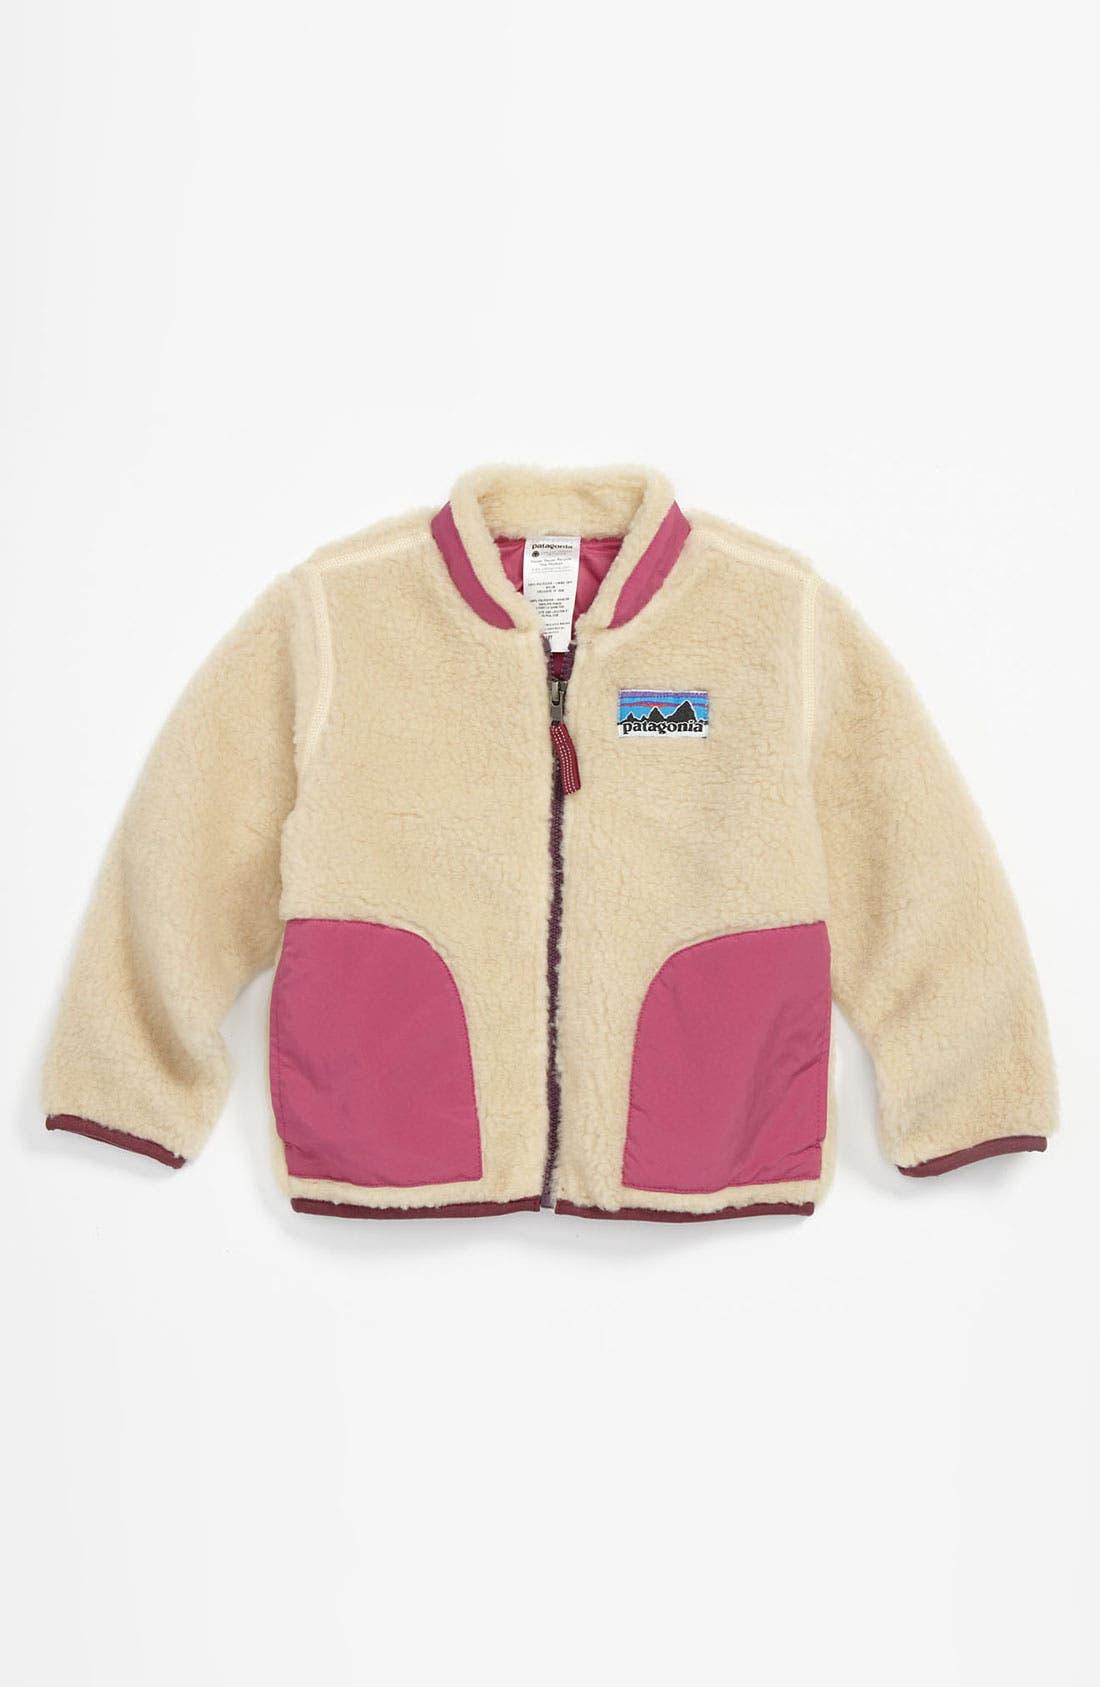 Main Image - Patagonia 'Retro-X' Jacket (Toddler)